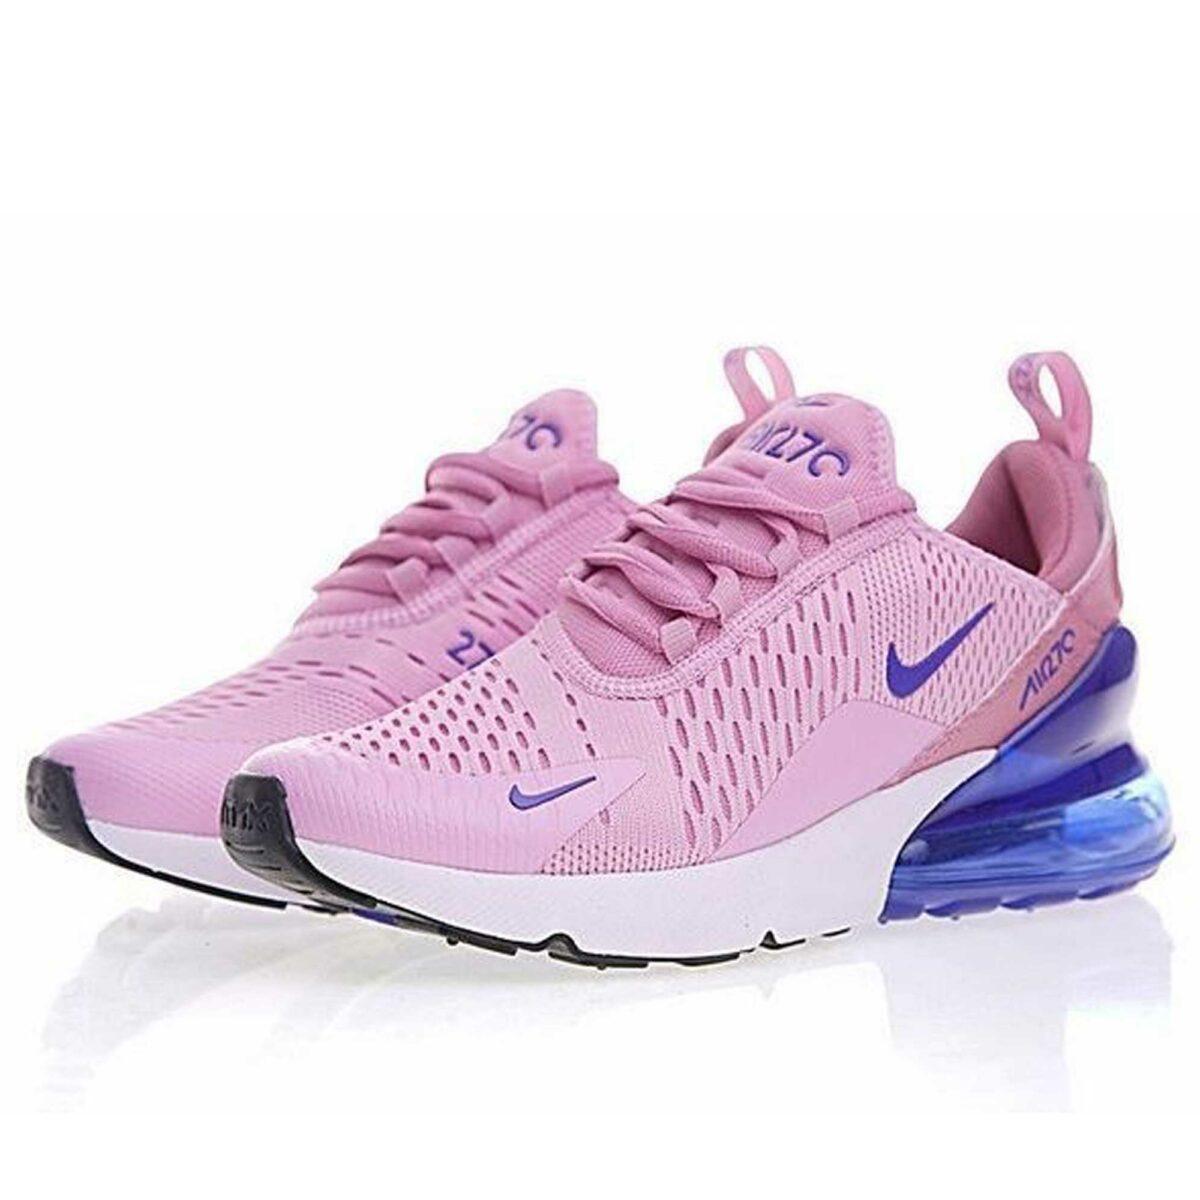 nike air max 270 pink blue white купить